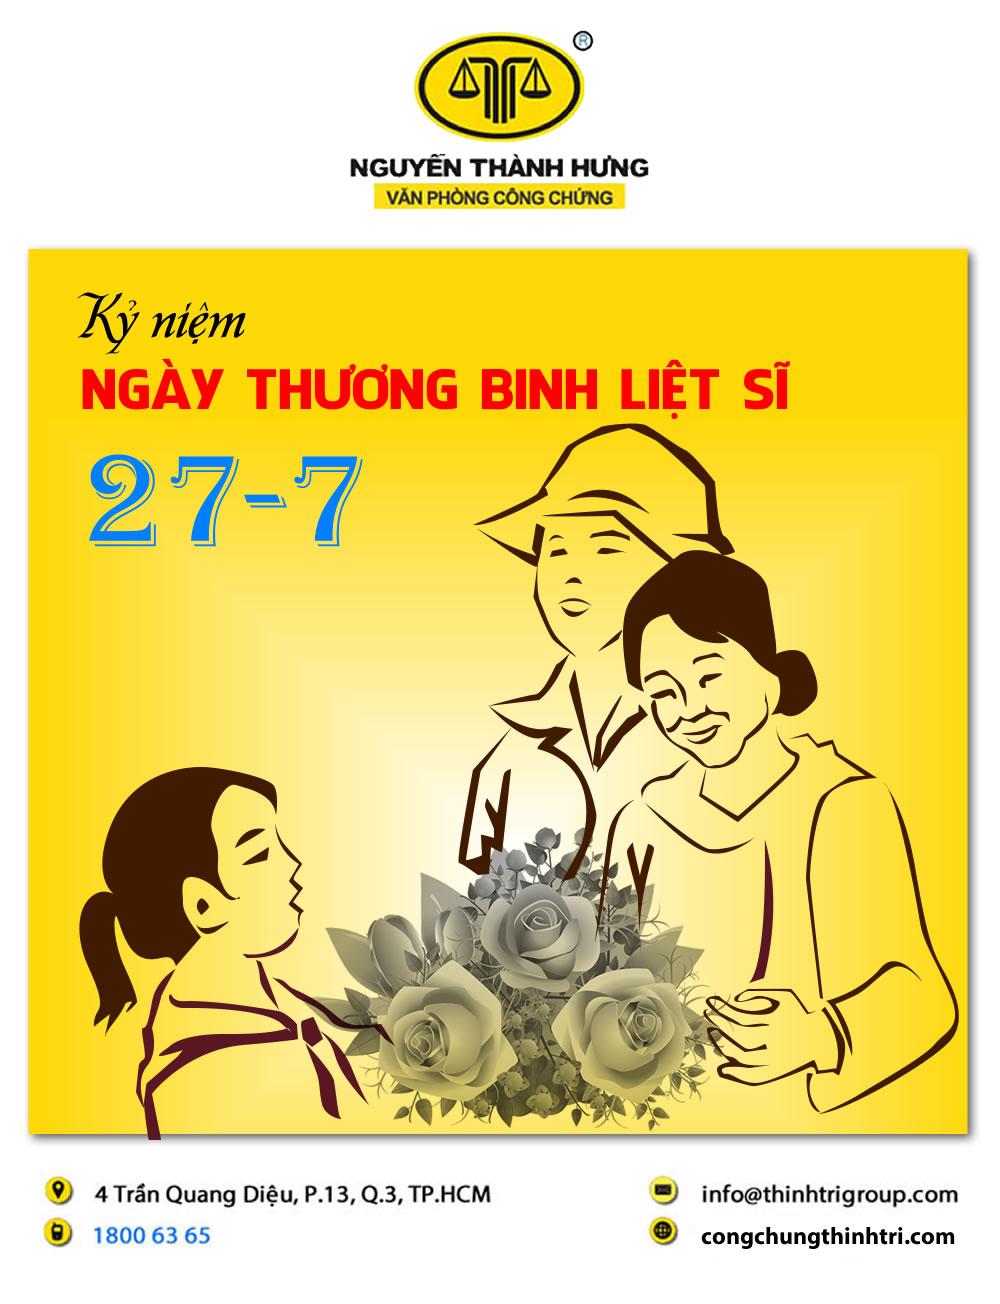 VĂN PHÒNG CÔNG CHỨNG NGUYỄN THÀNH HƯNG KỶ NIỆM NGÀY THƯƠNG BINH LIỆT SĨ 27/07/2021